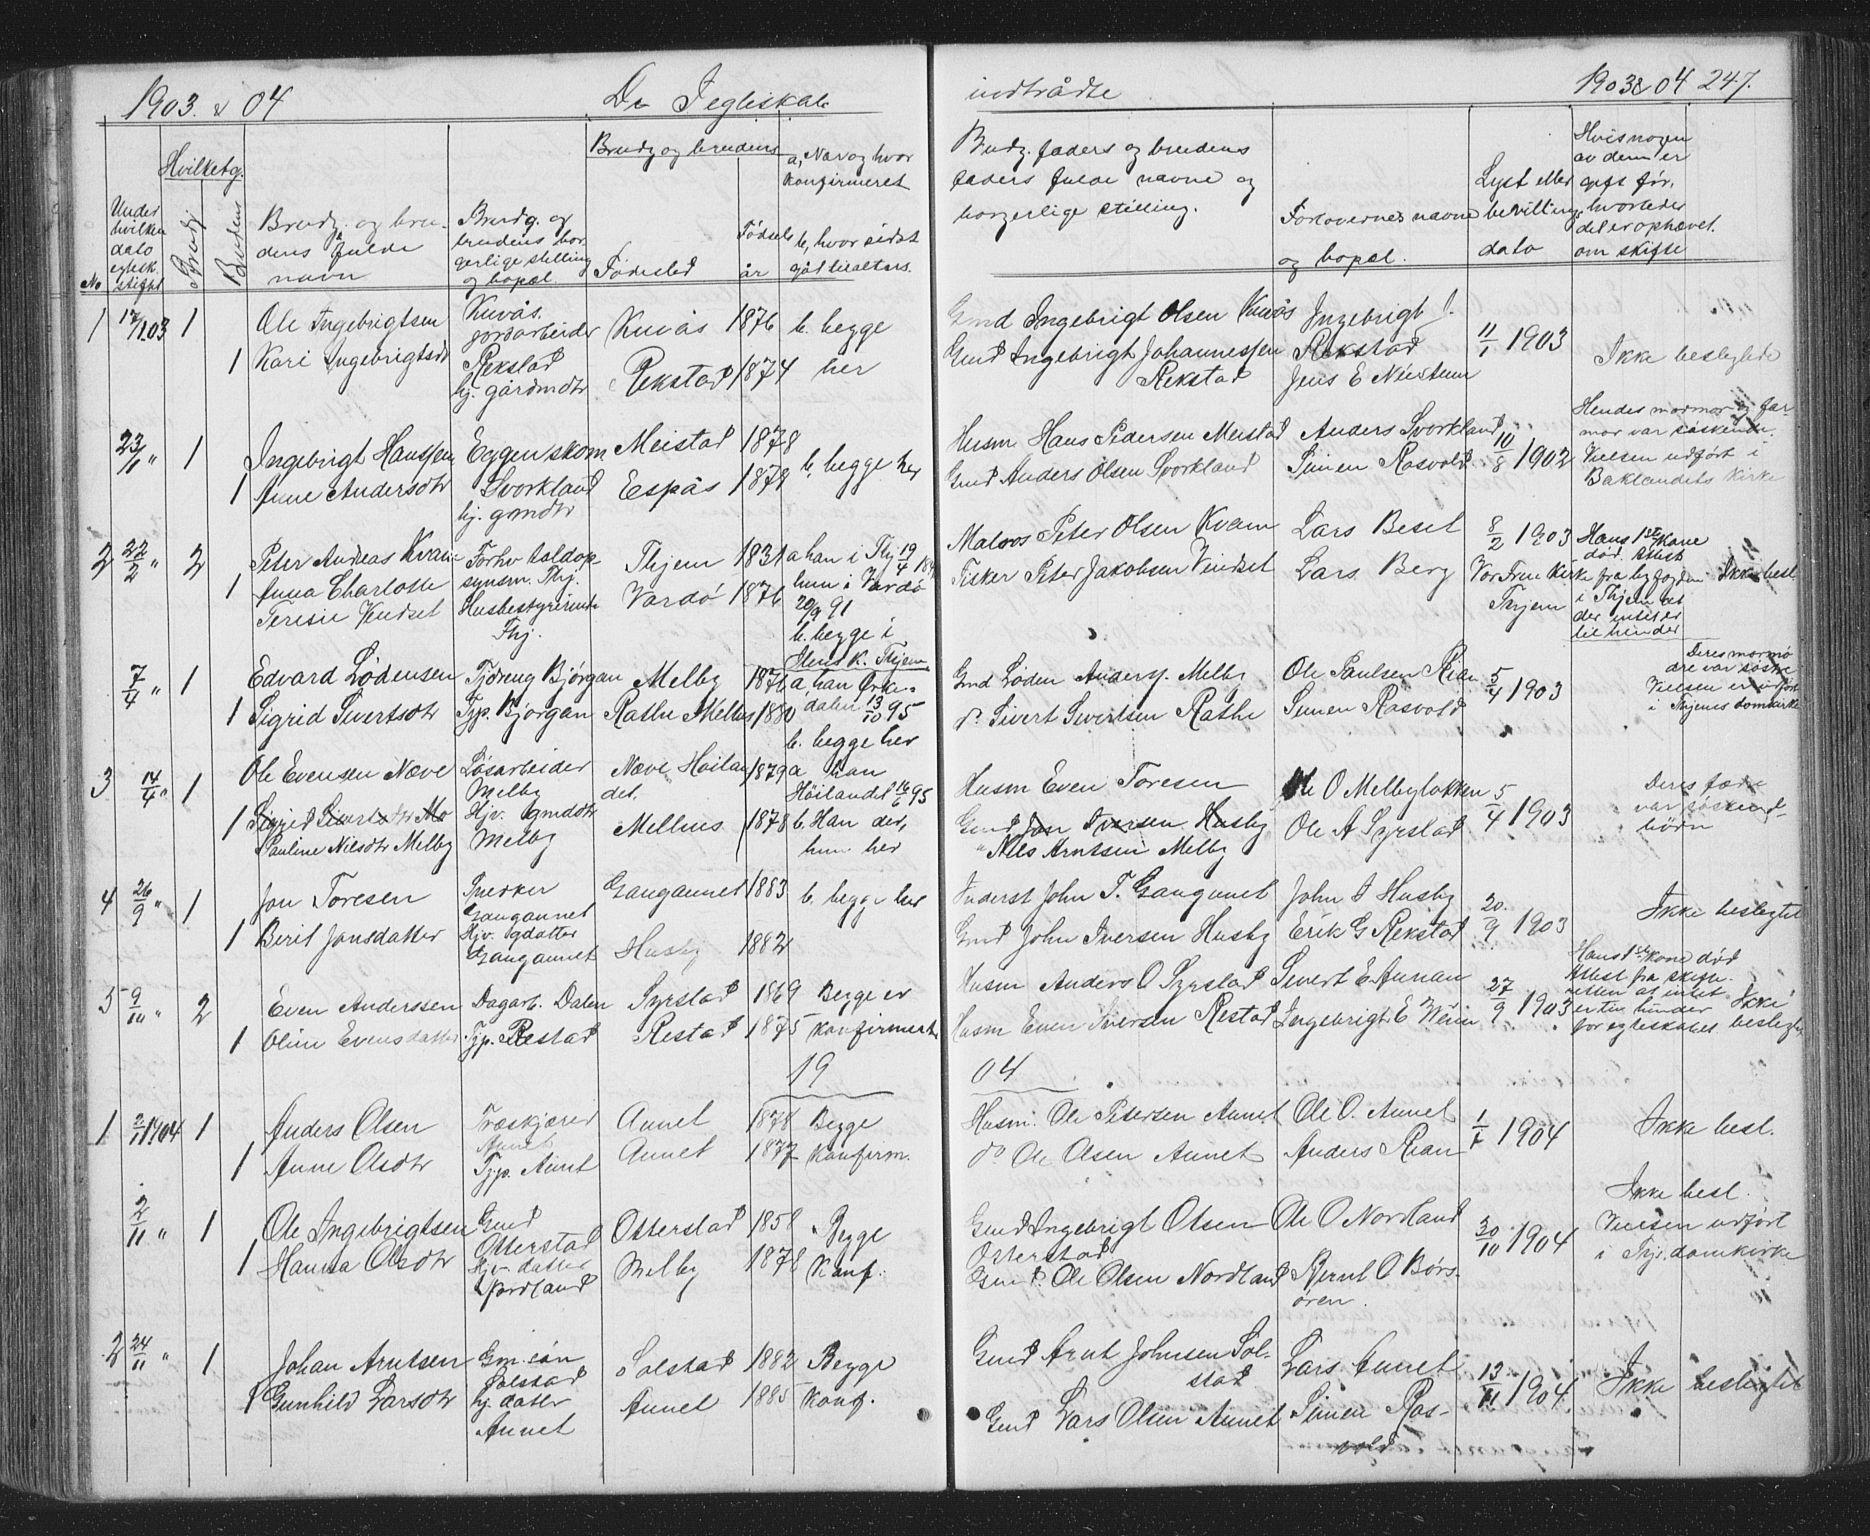 SAT, Ministerialprotokoller, klokkerbøker og fødselsregistre - Sør-Trøndelag, 667/L0798: Klokkerbok nr. 667C03, 1867-1929, s. 247